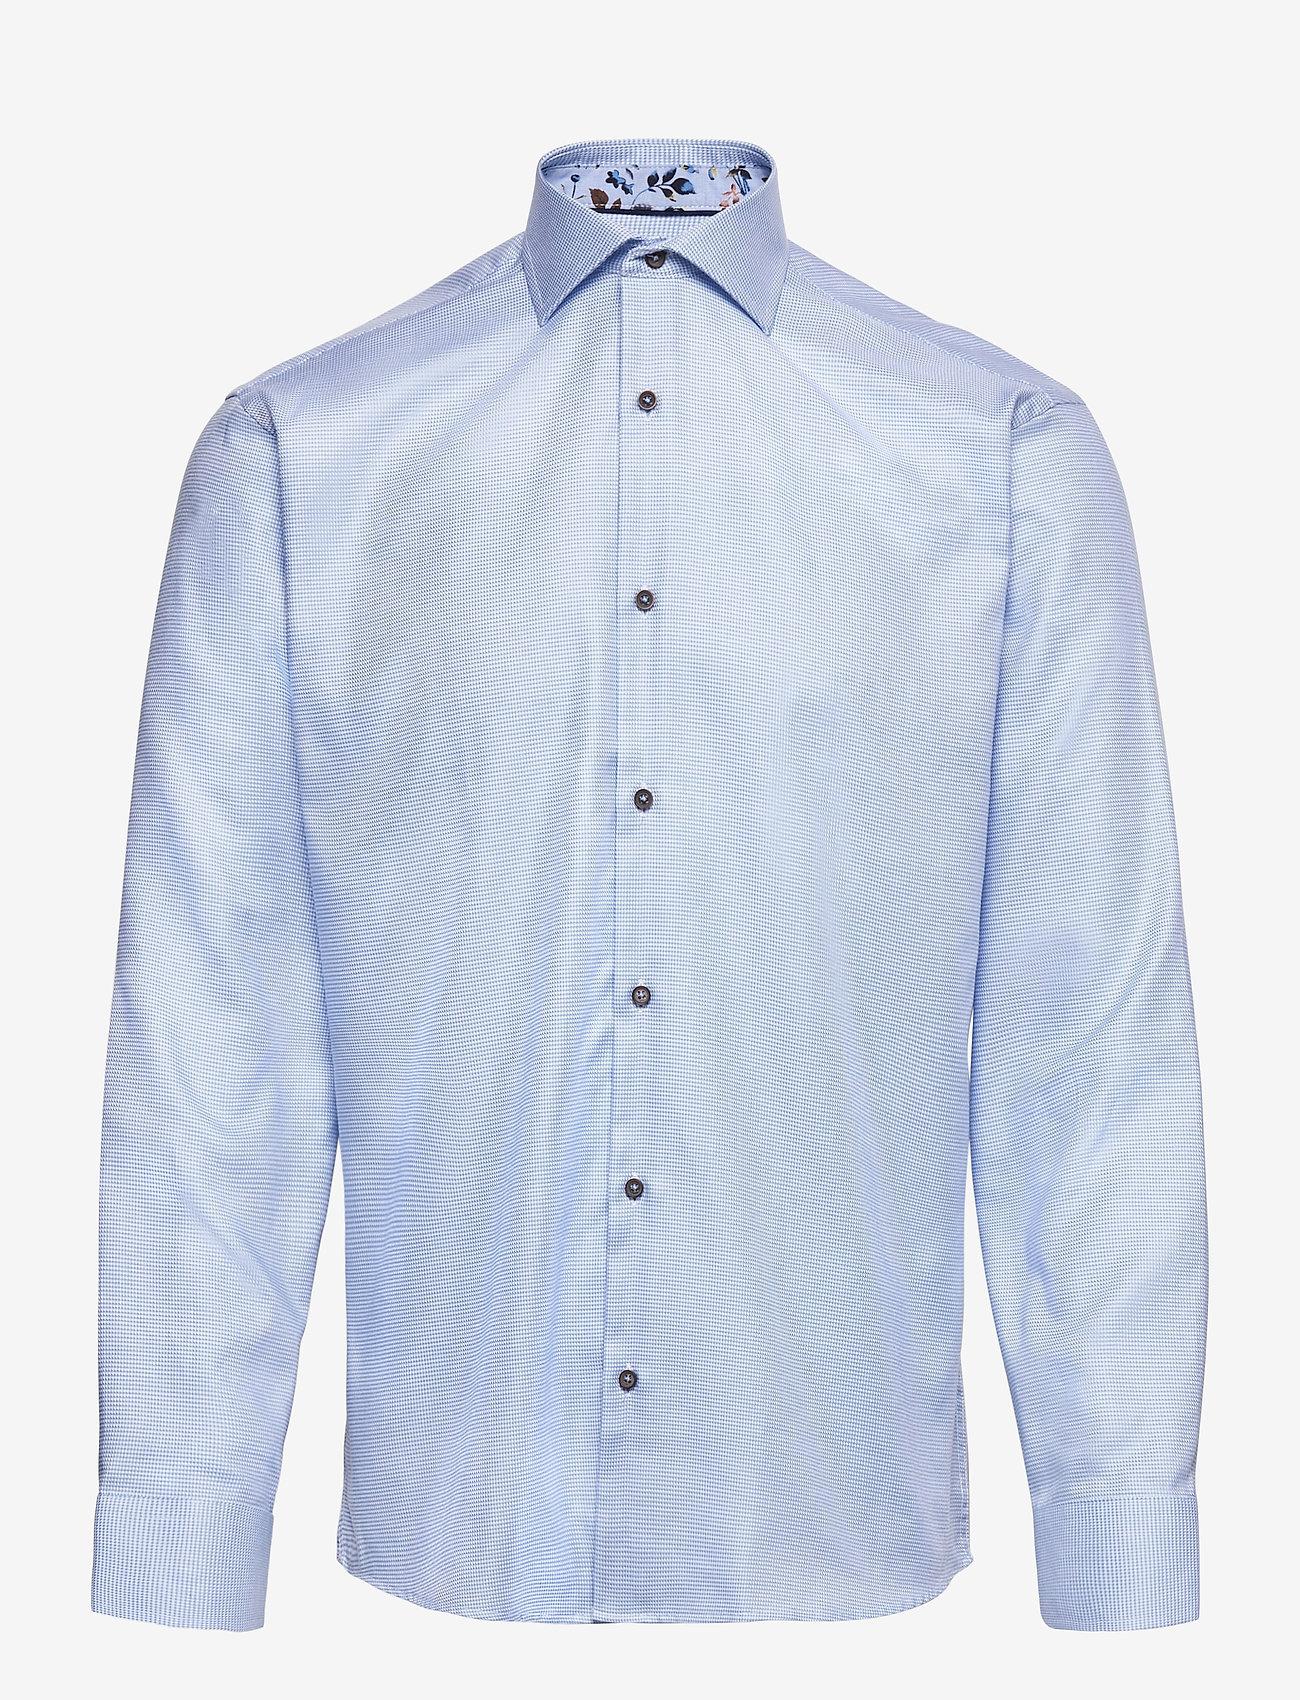 Kjøp Seven Seas Copenhagen Skjorter til herre på nett